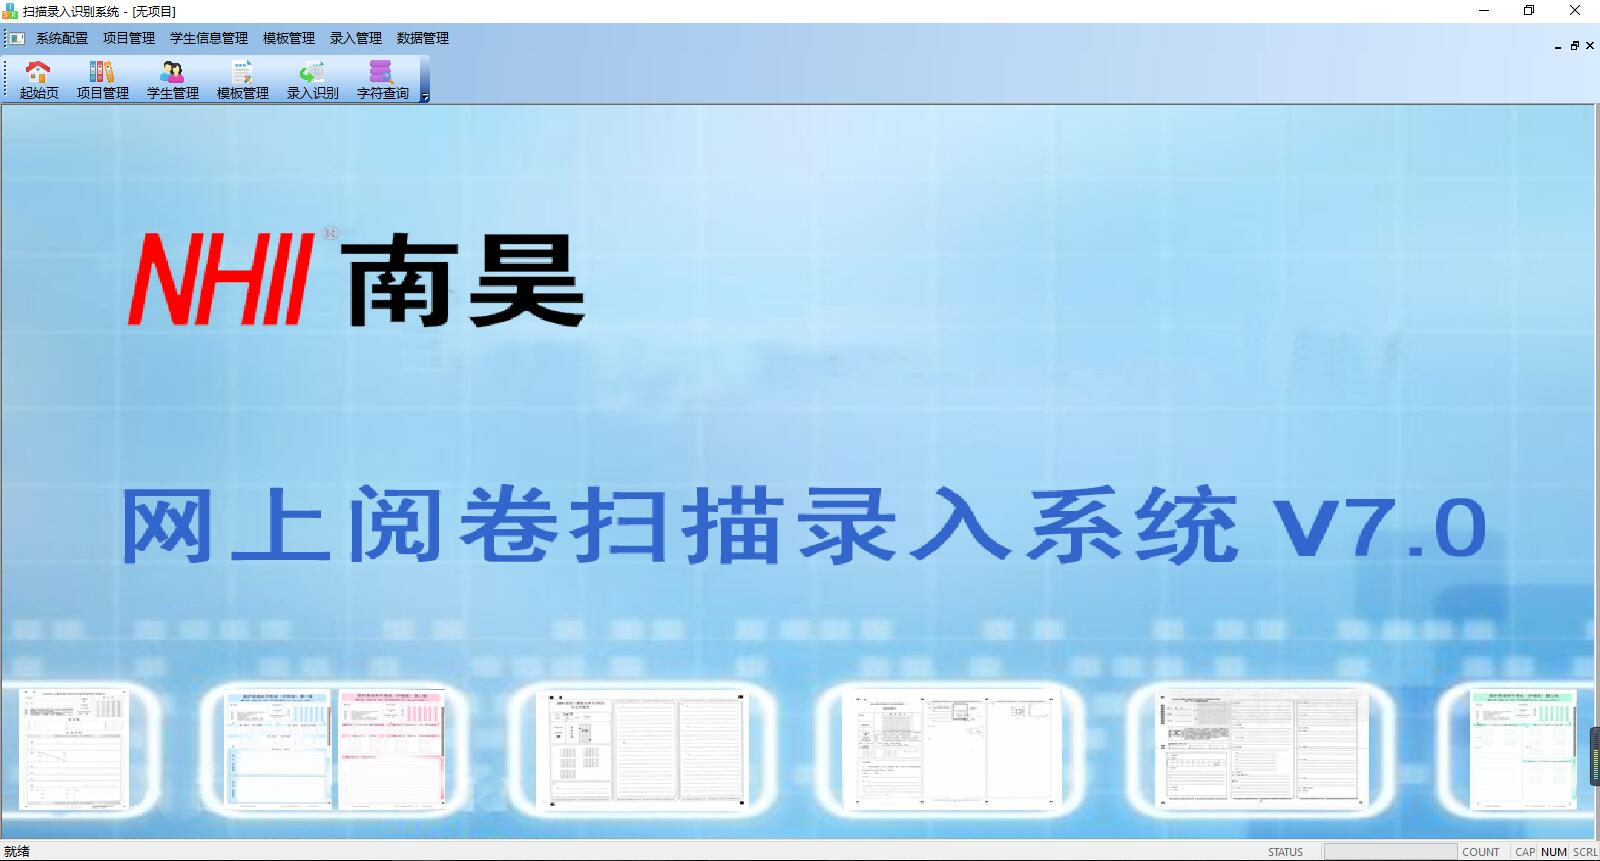 莒县网上阅卷系统好用的型号 网上阅卷报价|新闻动态-河北文柏云考科技发展有限公司